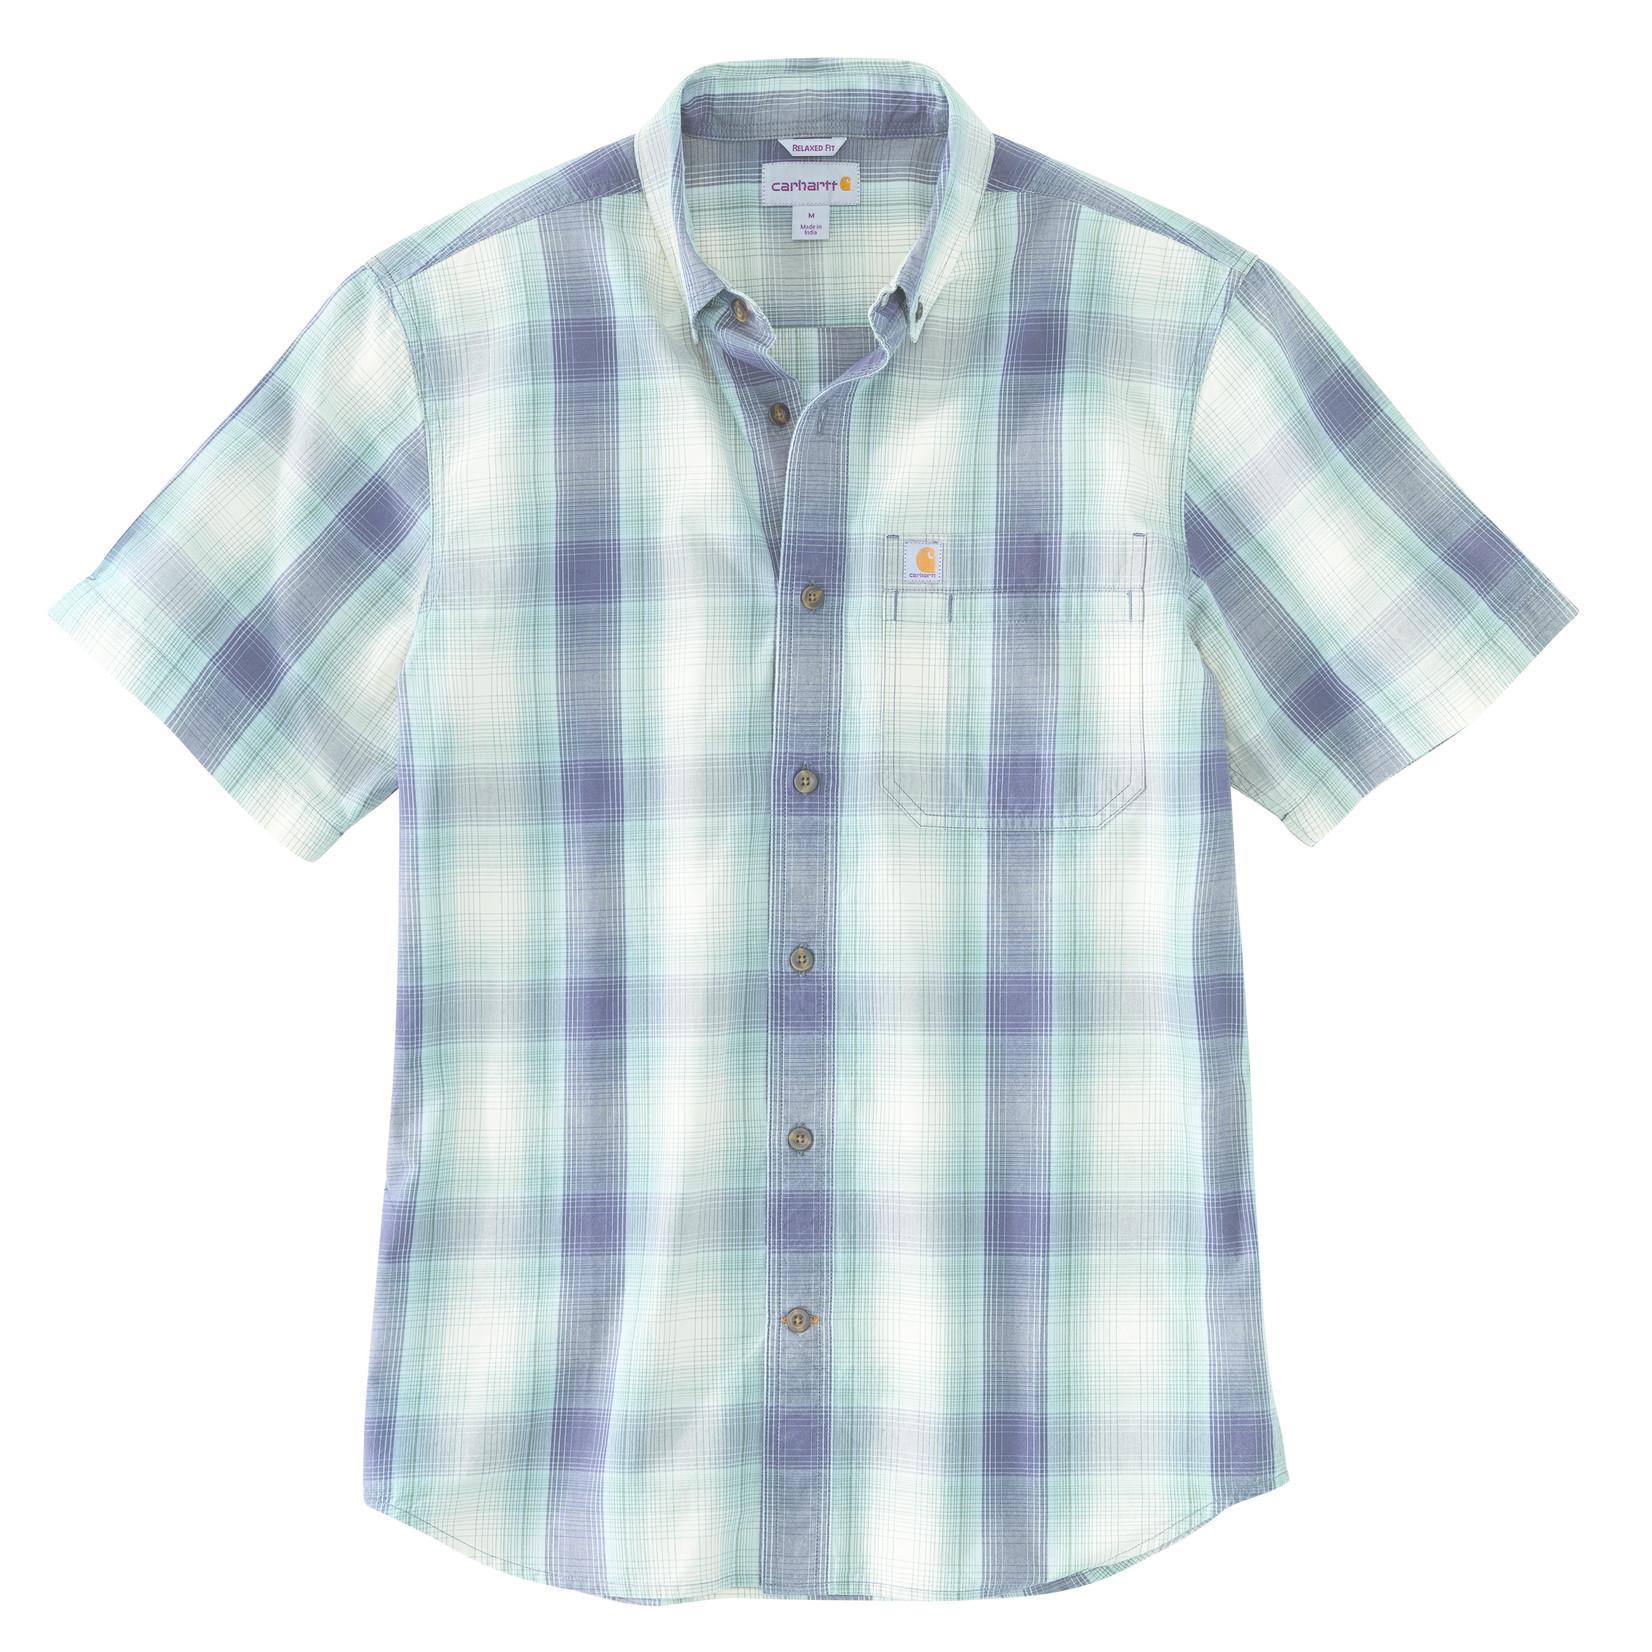 Carhartt Carhartt 104174 Relaxed Fit Mid Weight Short-Sleeve Plaid Shirt